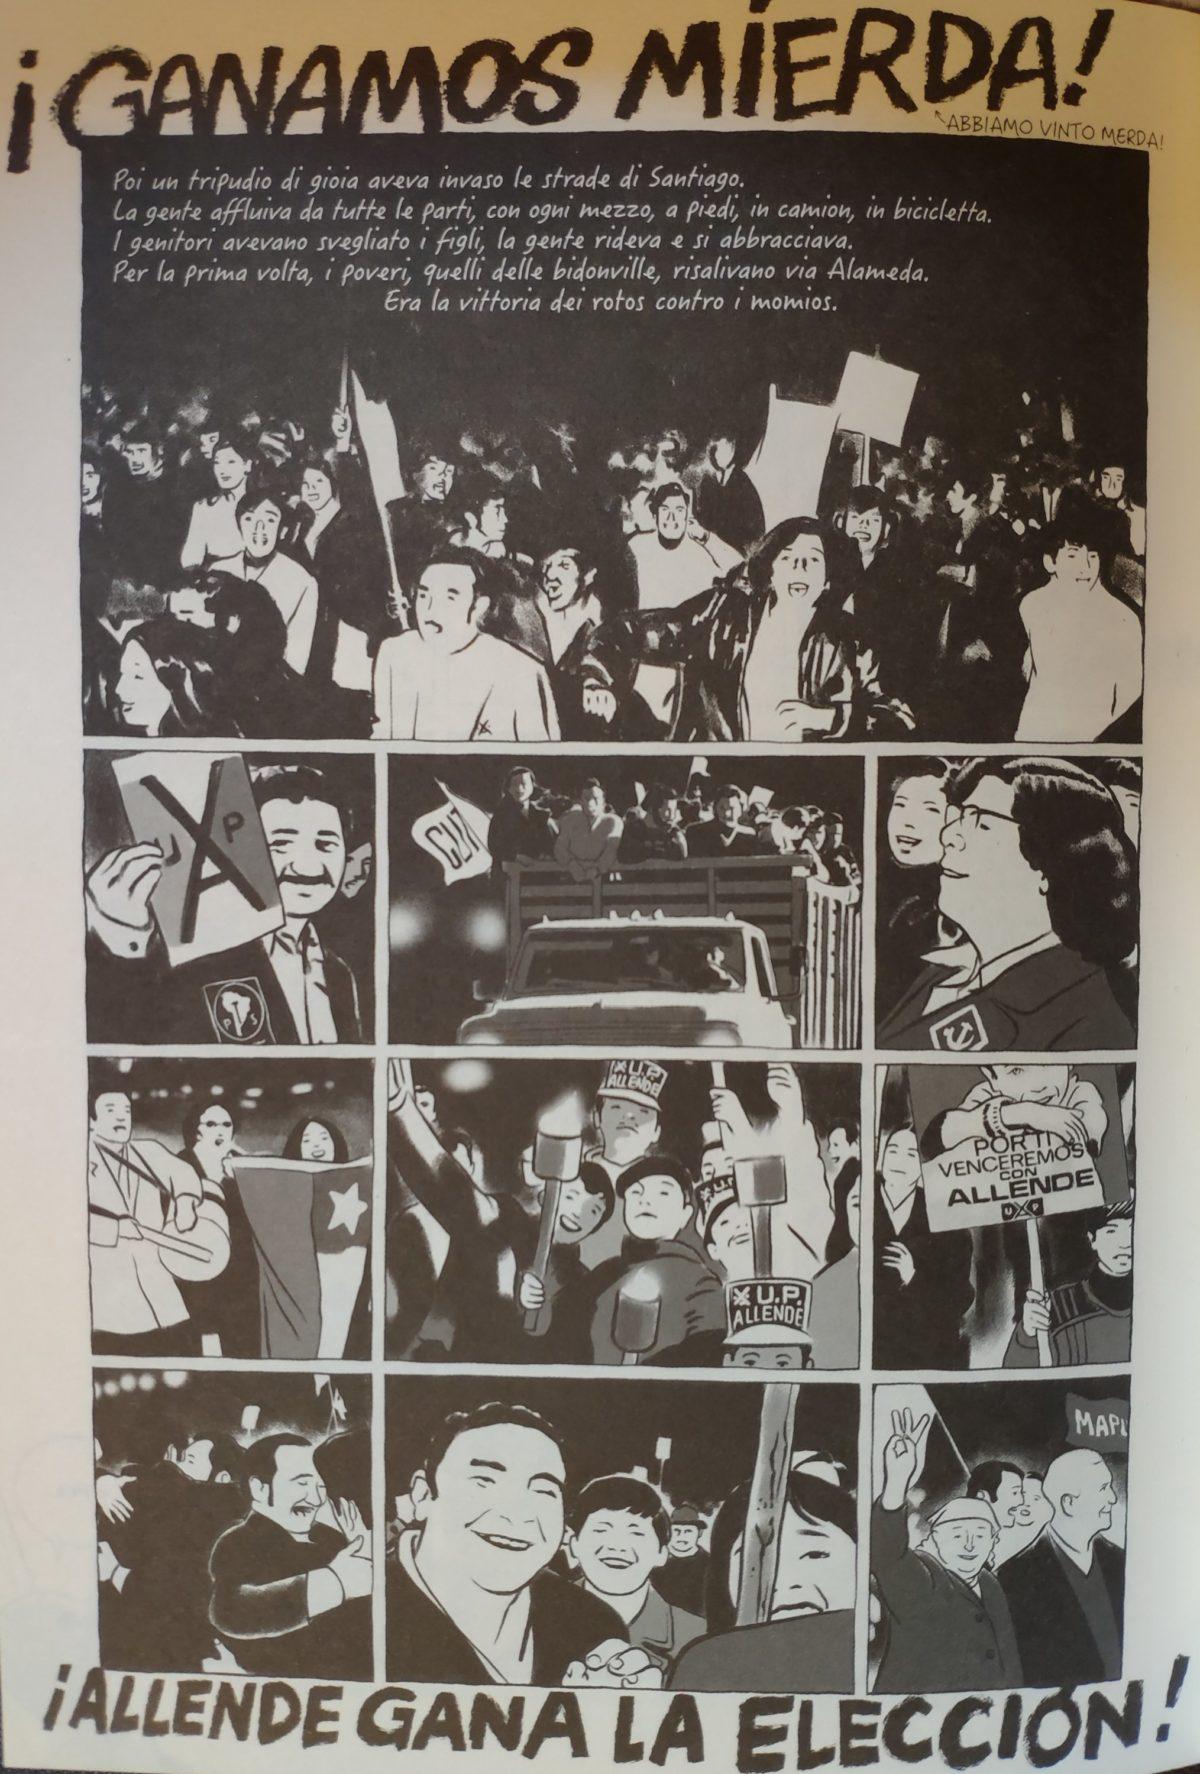 Mio caro fumetto... - Tavola di Là dove finisce la terra che raffigura la gente che festeggia in strada per la vittoria di Salvador Allende alle elezioni del 1970.